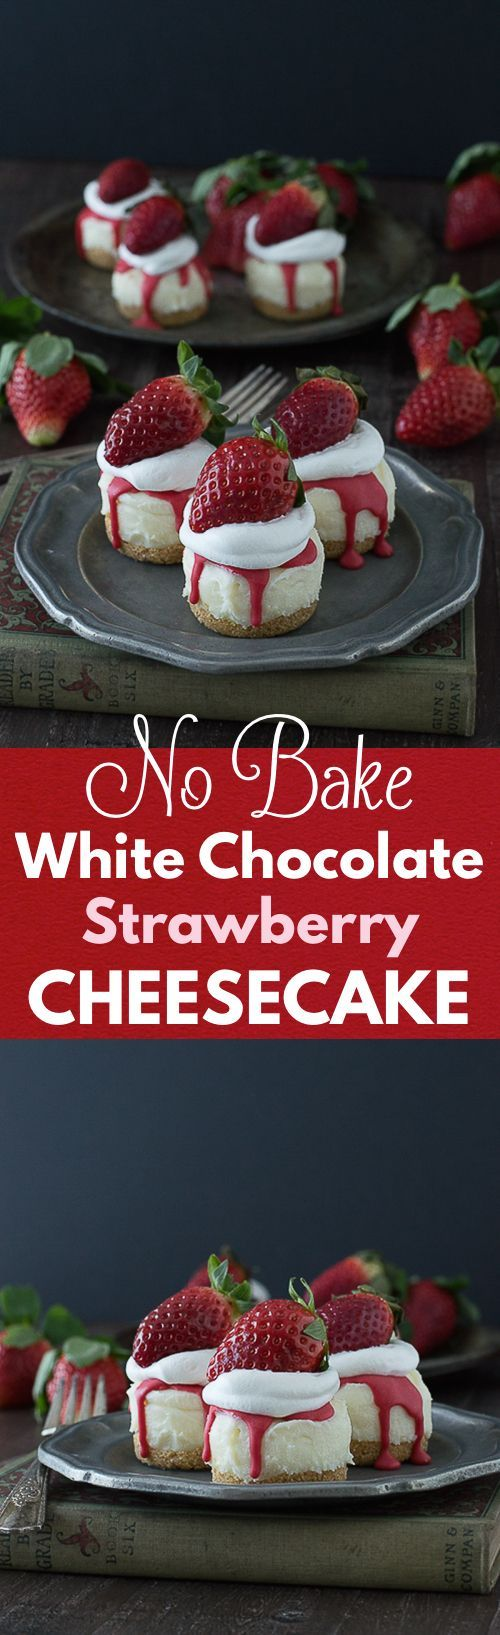 No Bake White Chocolate Strawberry Cheesecakes